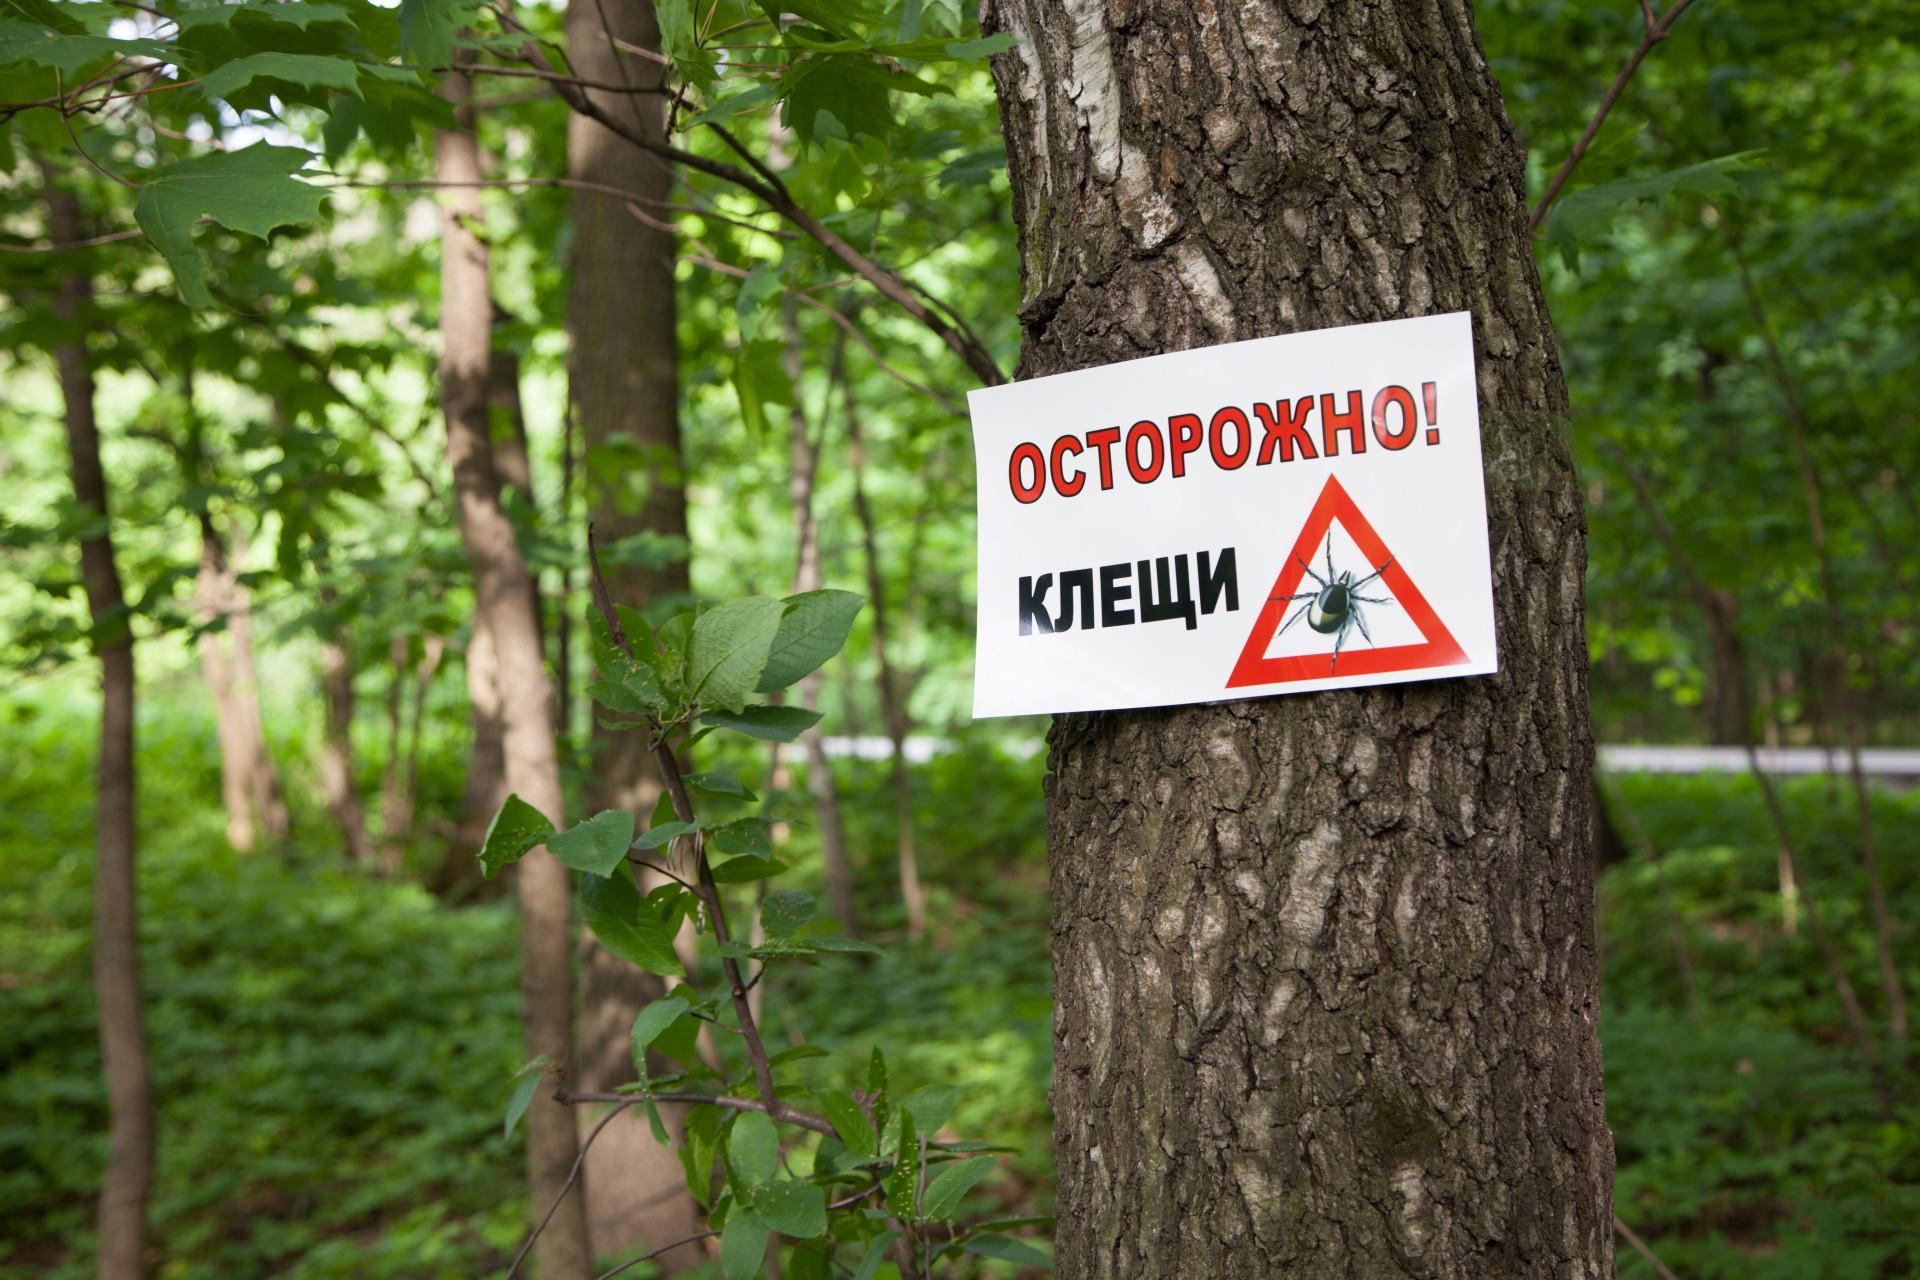 dezinfektsiya-kleshha-foto-video-obrabotka-uchastka-i-metody-zashhity-ot-kleshhej-4